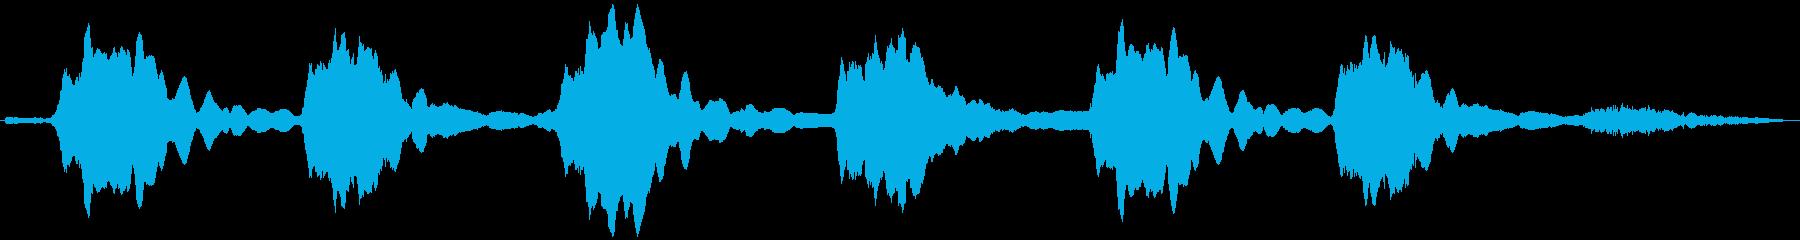 PADS クジラの歌04の再生済みの波形